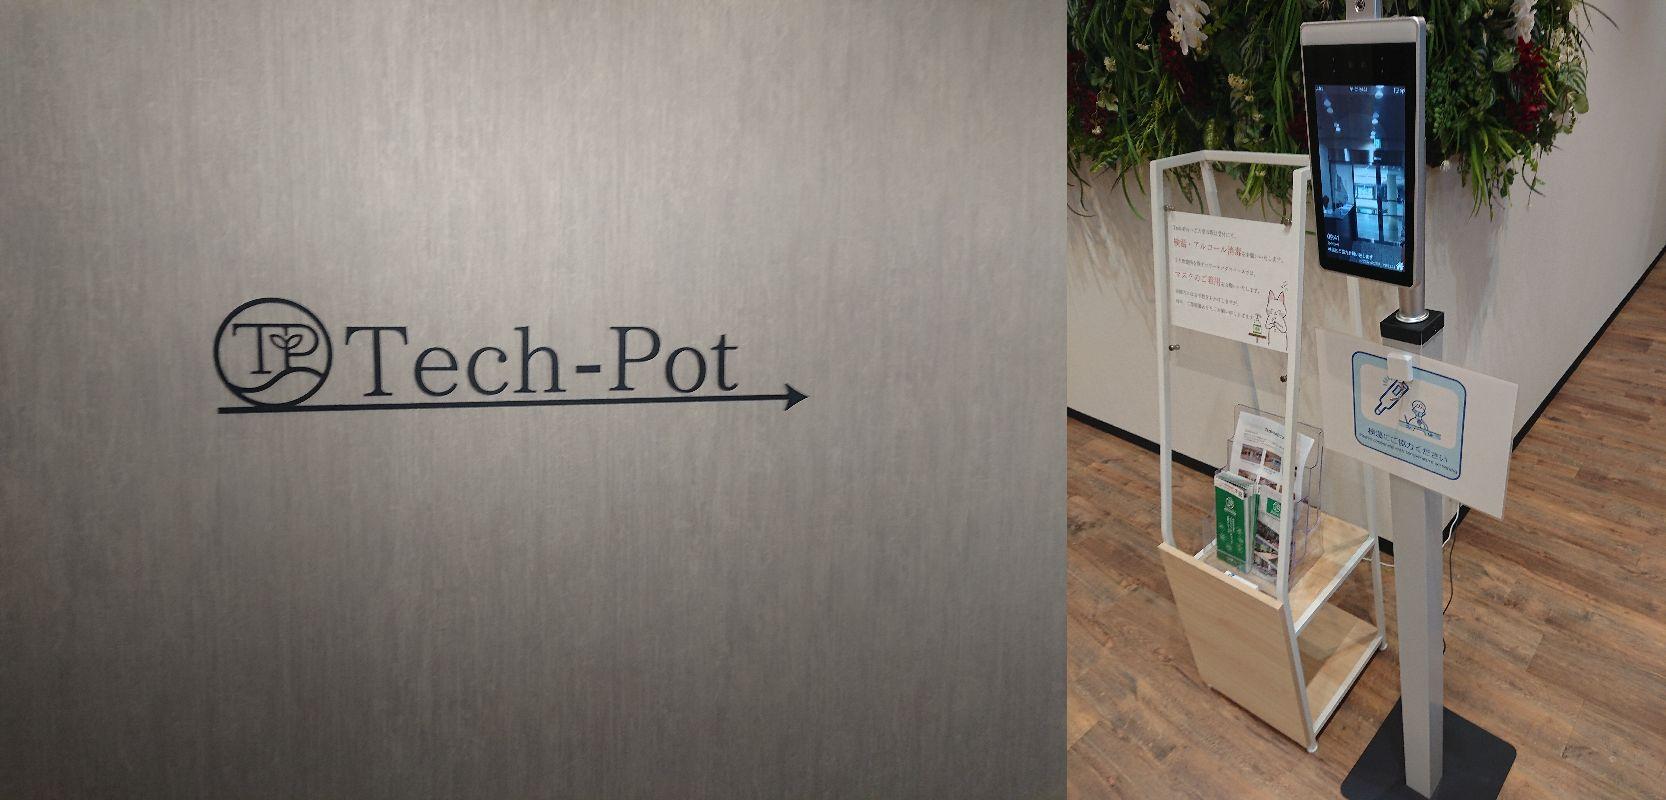 KSP(かながわサイエンスパーク)に入ったら、2階でこの文字を探してください。検温実施して感染症対策もバッチリ!